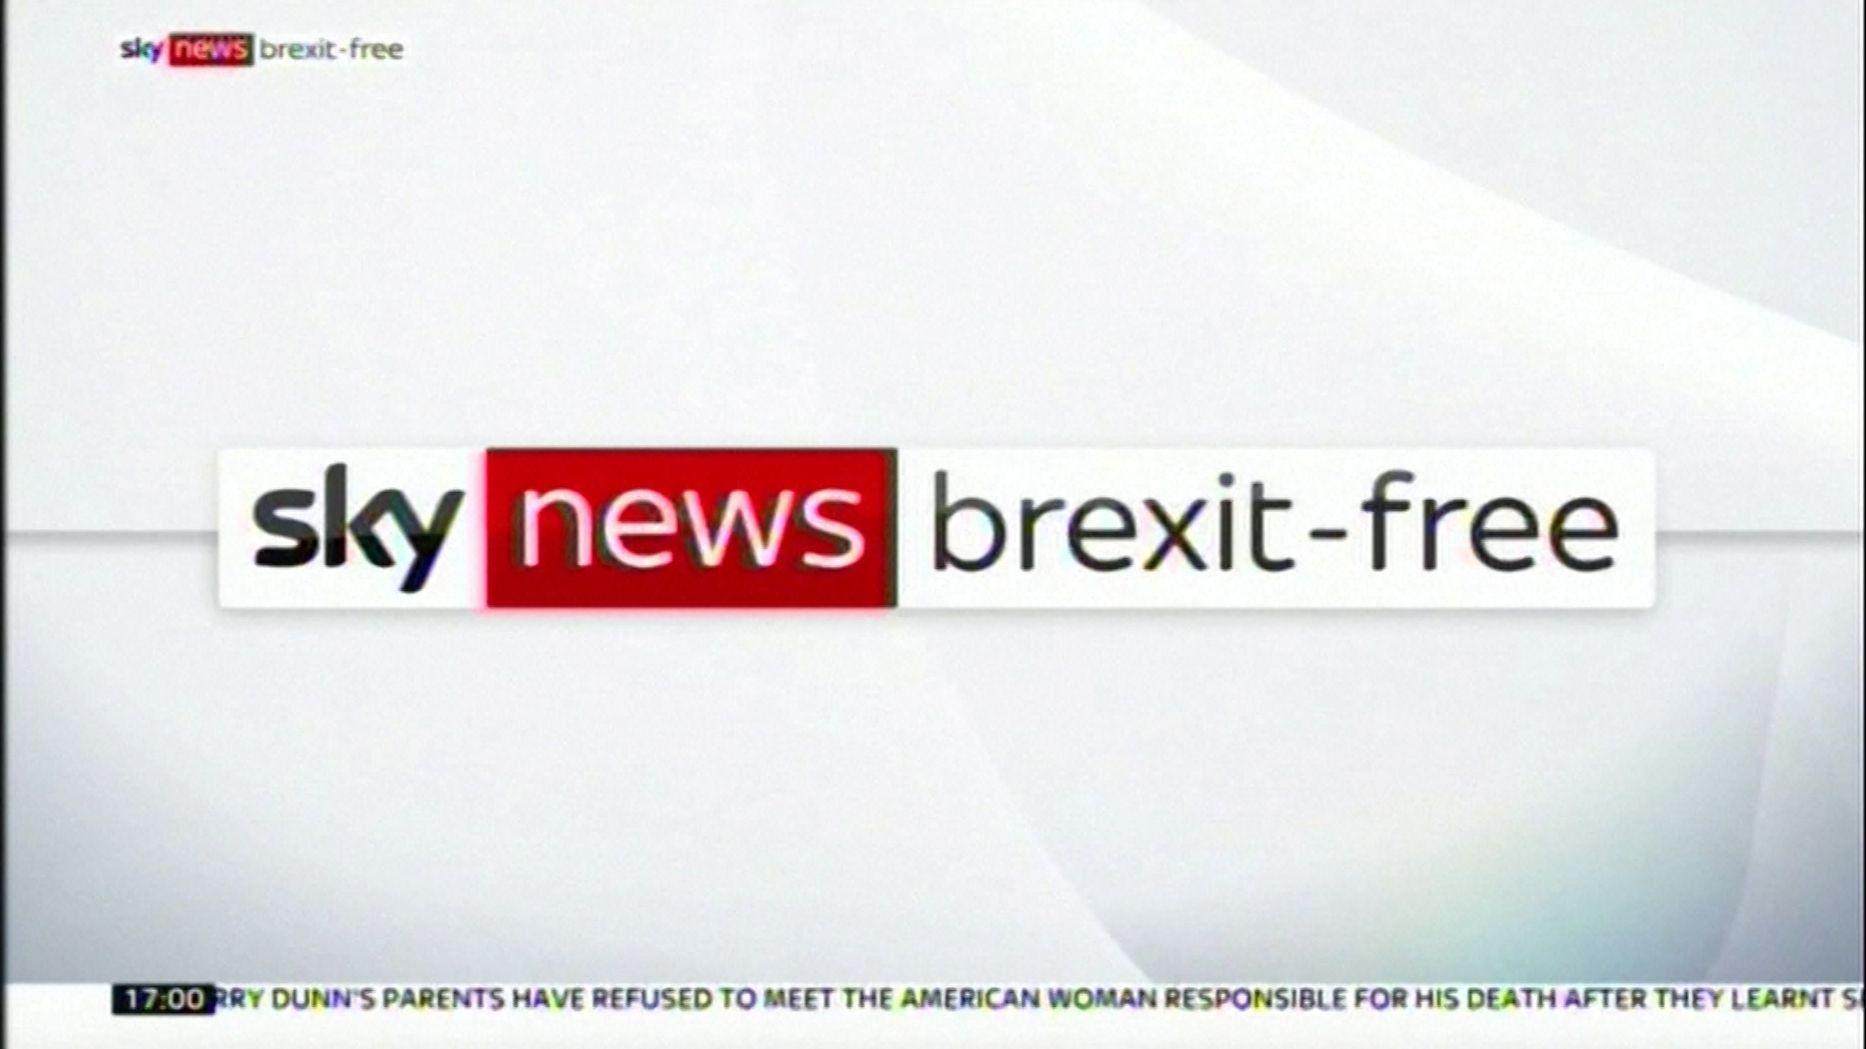 Erster Brexit-freier Sender in Großbritannien